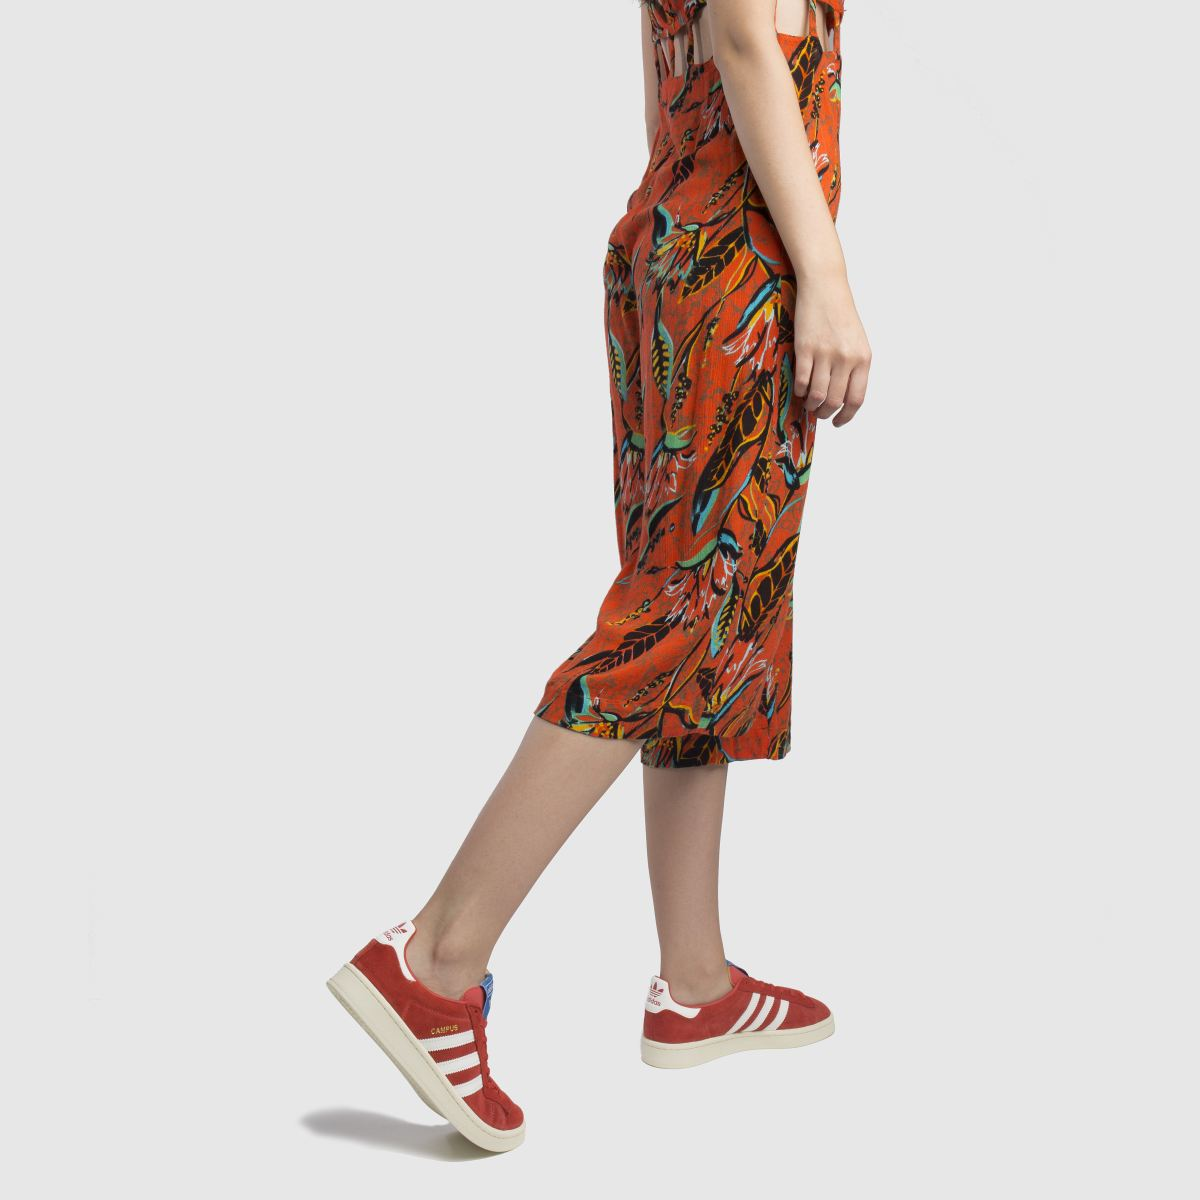 Damen Rot adidas Campus Suede Sneaker | schuh Gute Qualität beliebte Schuhe